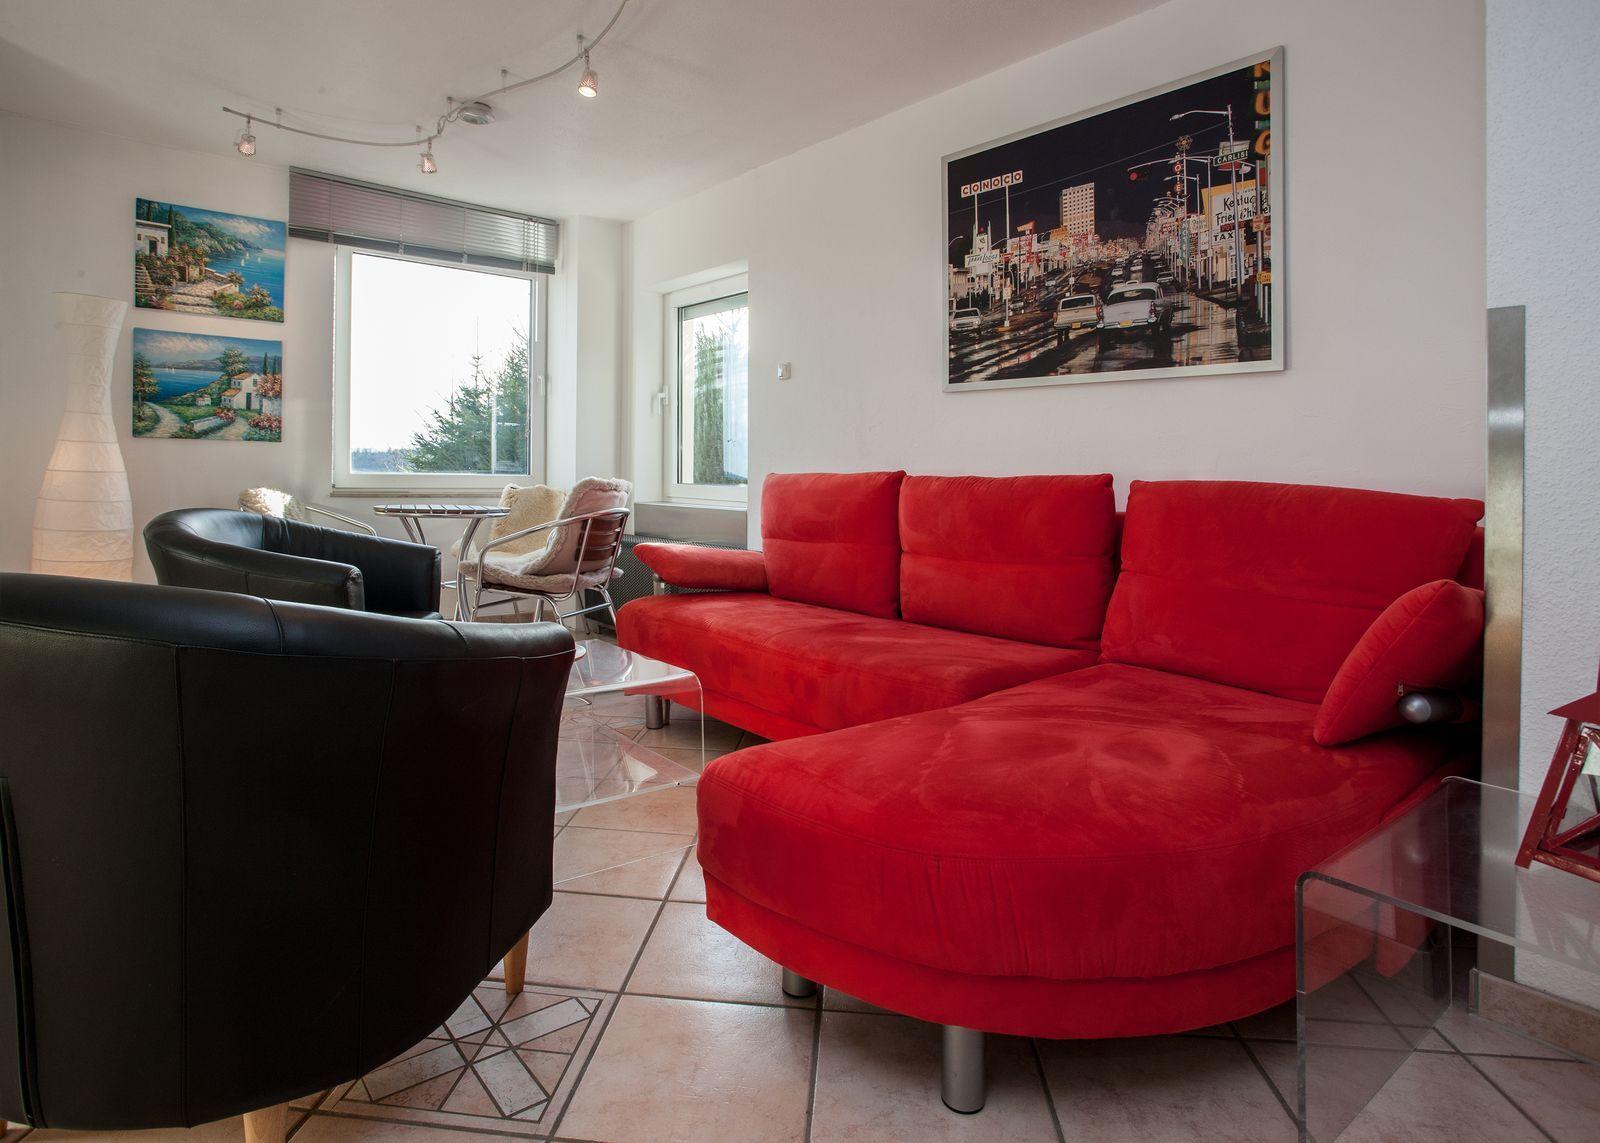 Ferienwohnung - Winterberger Straße 20-V